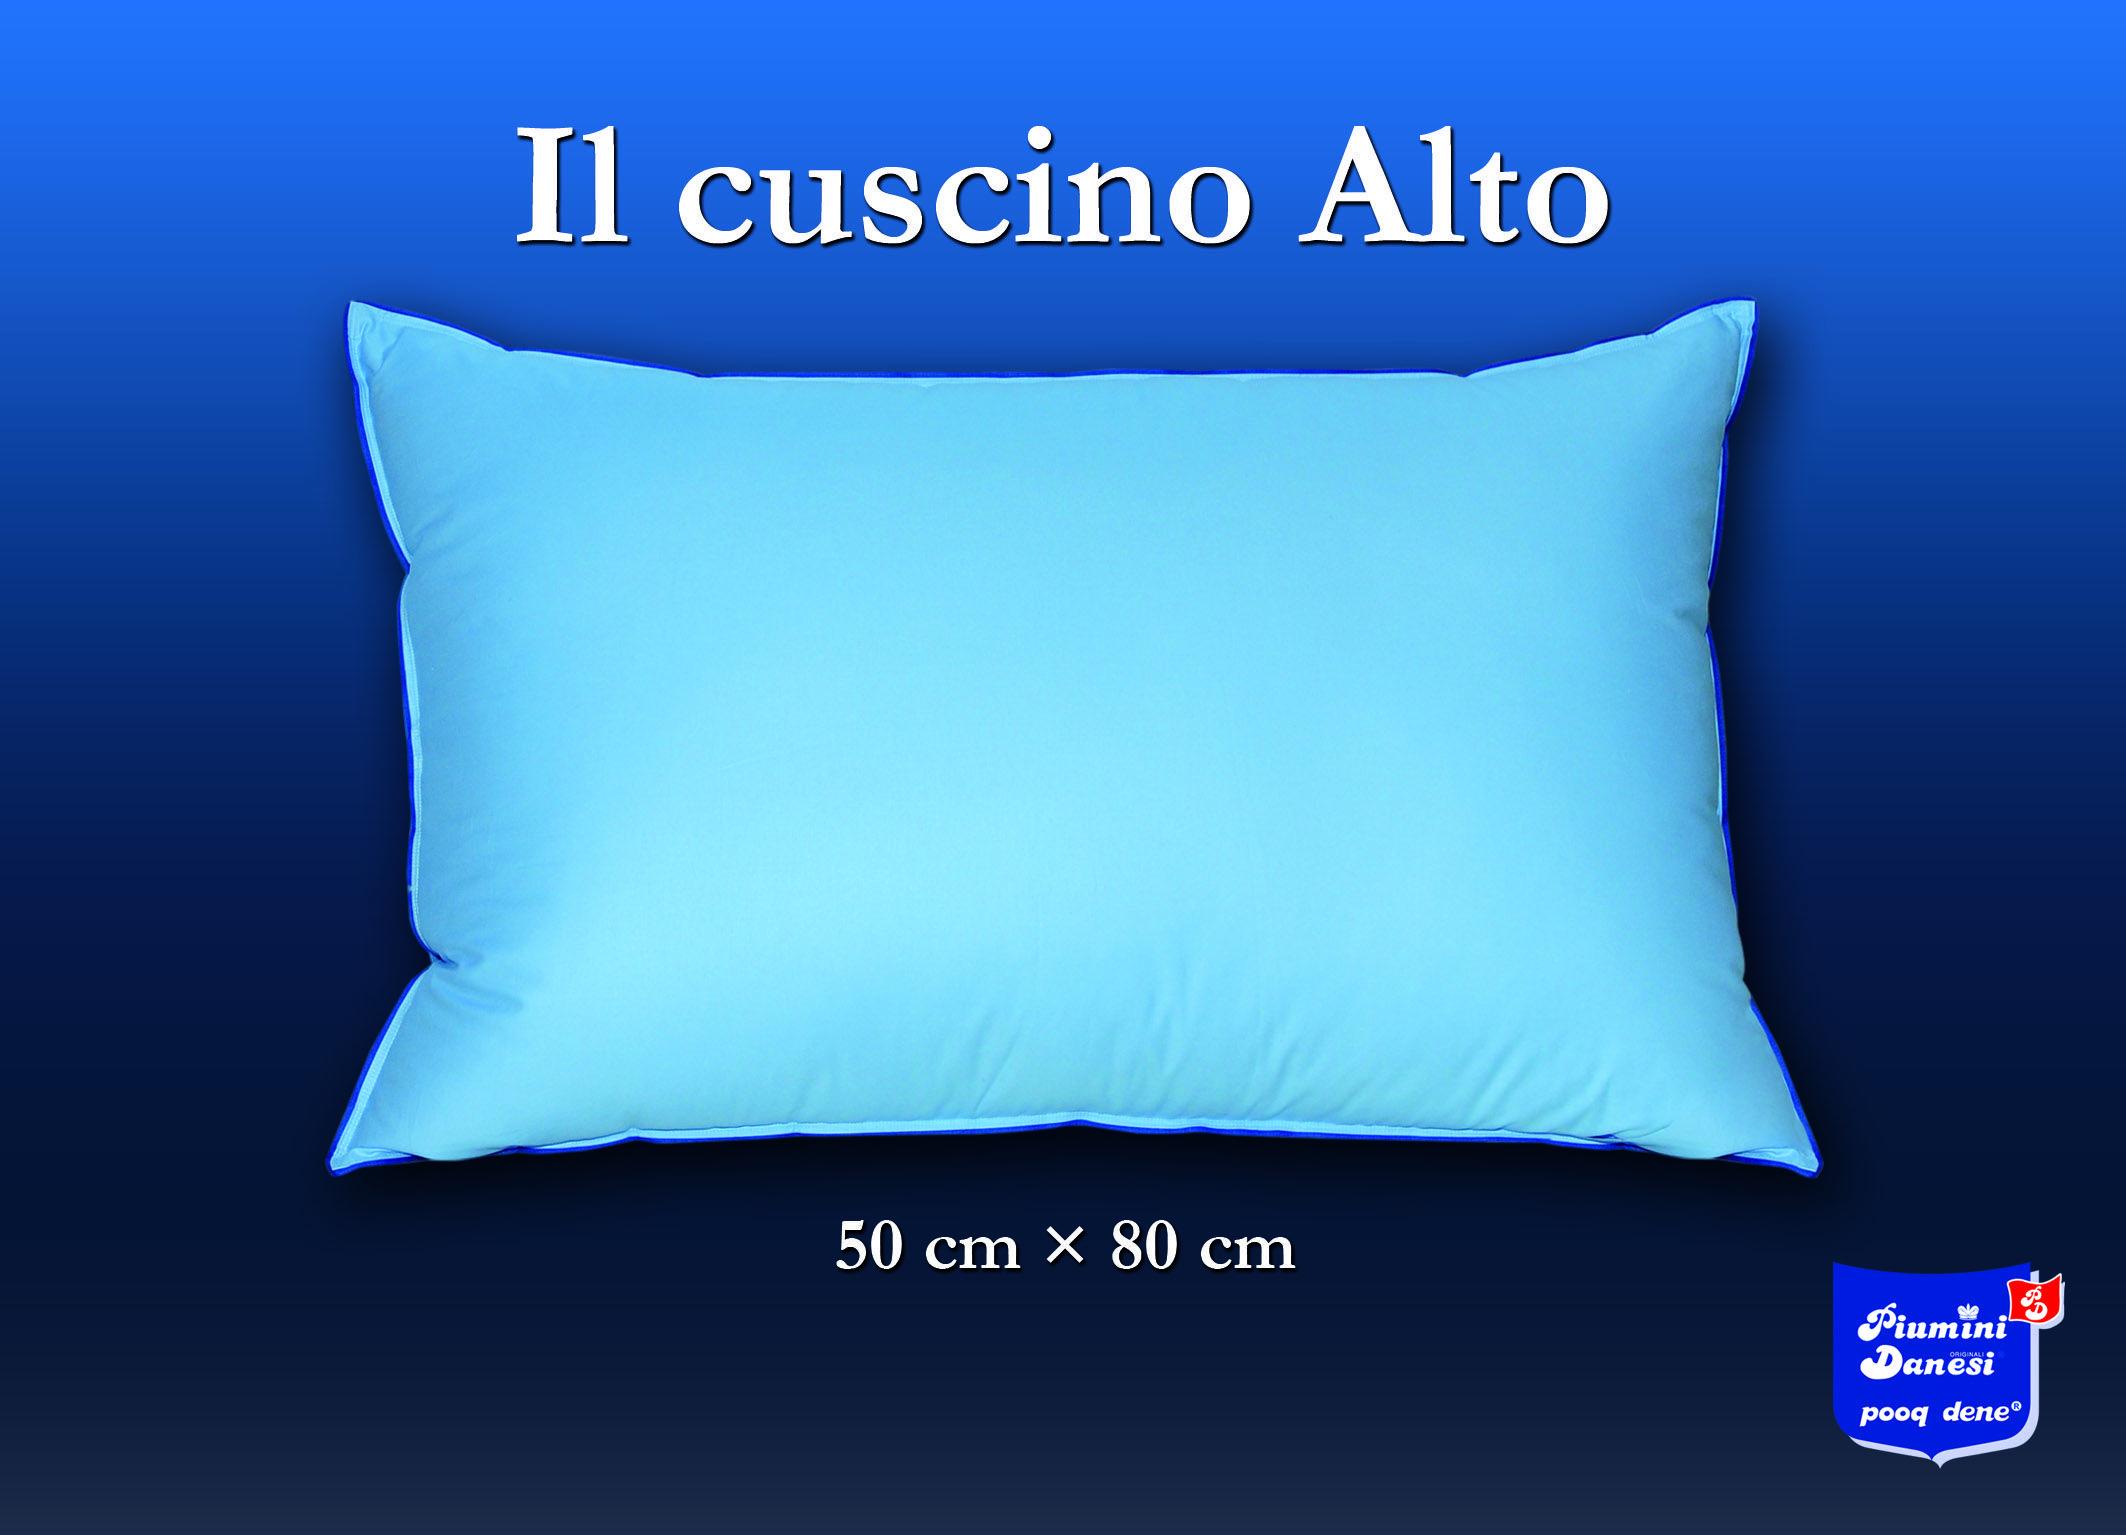 Dormire Con Due Cuscini.Particolarmente Indicato Per Chi Dorme Con 2 Cuscini Cuscini